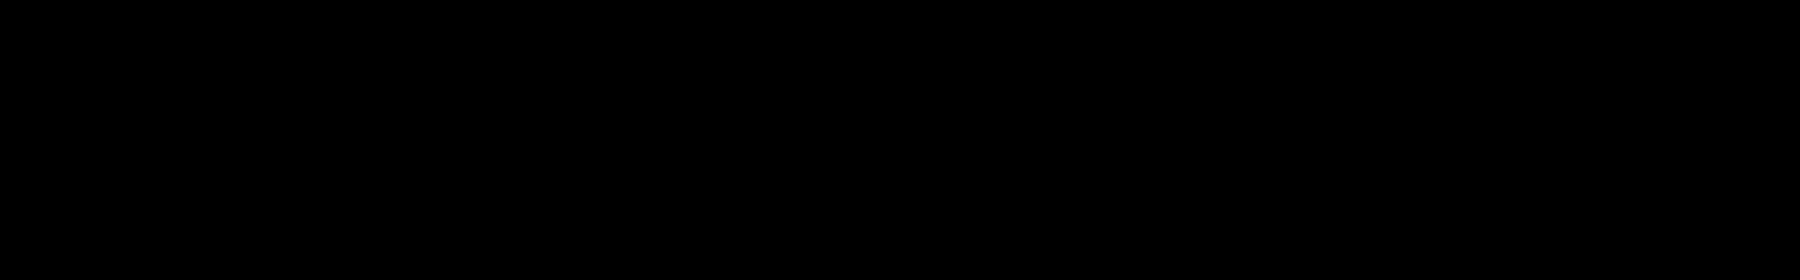 Nebula - Massive Pad & Bass Presets audio waveform